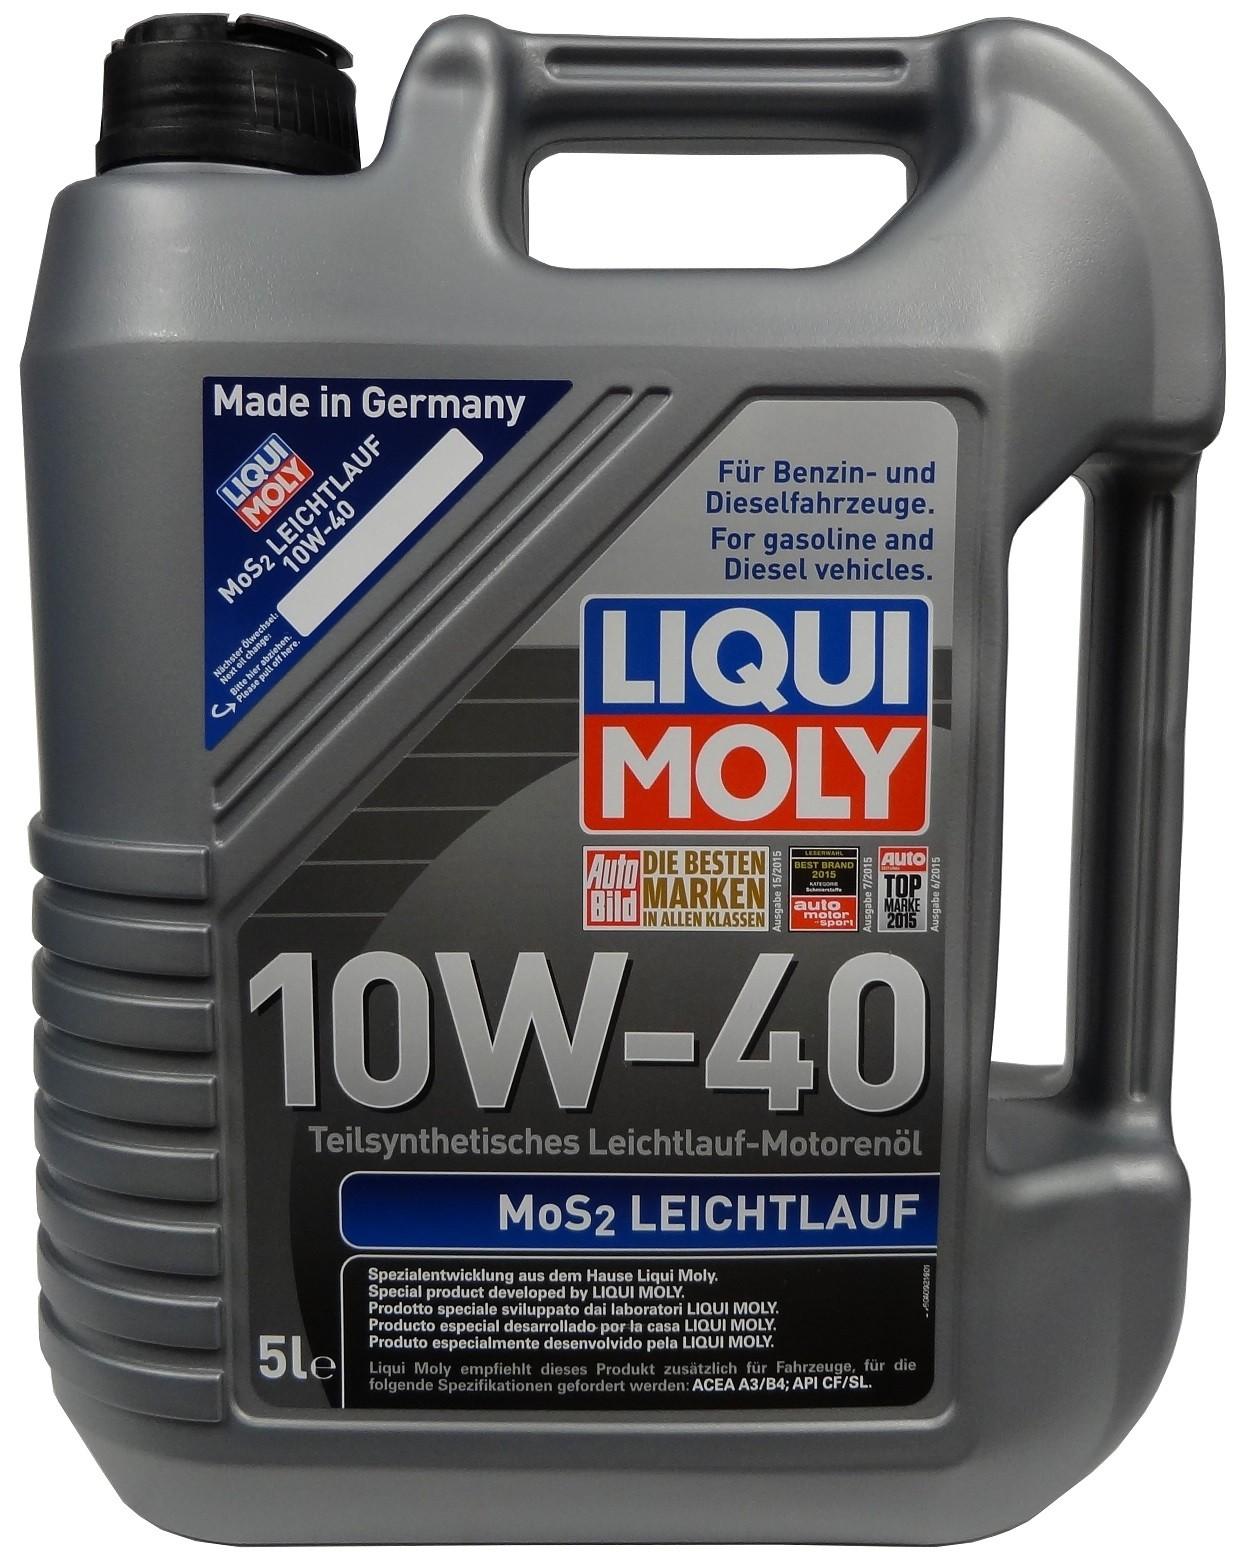 LIQUI MOLY 10W-40 MoS2 LEICHTLAUF 5L